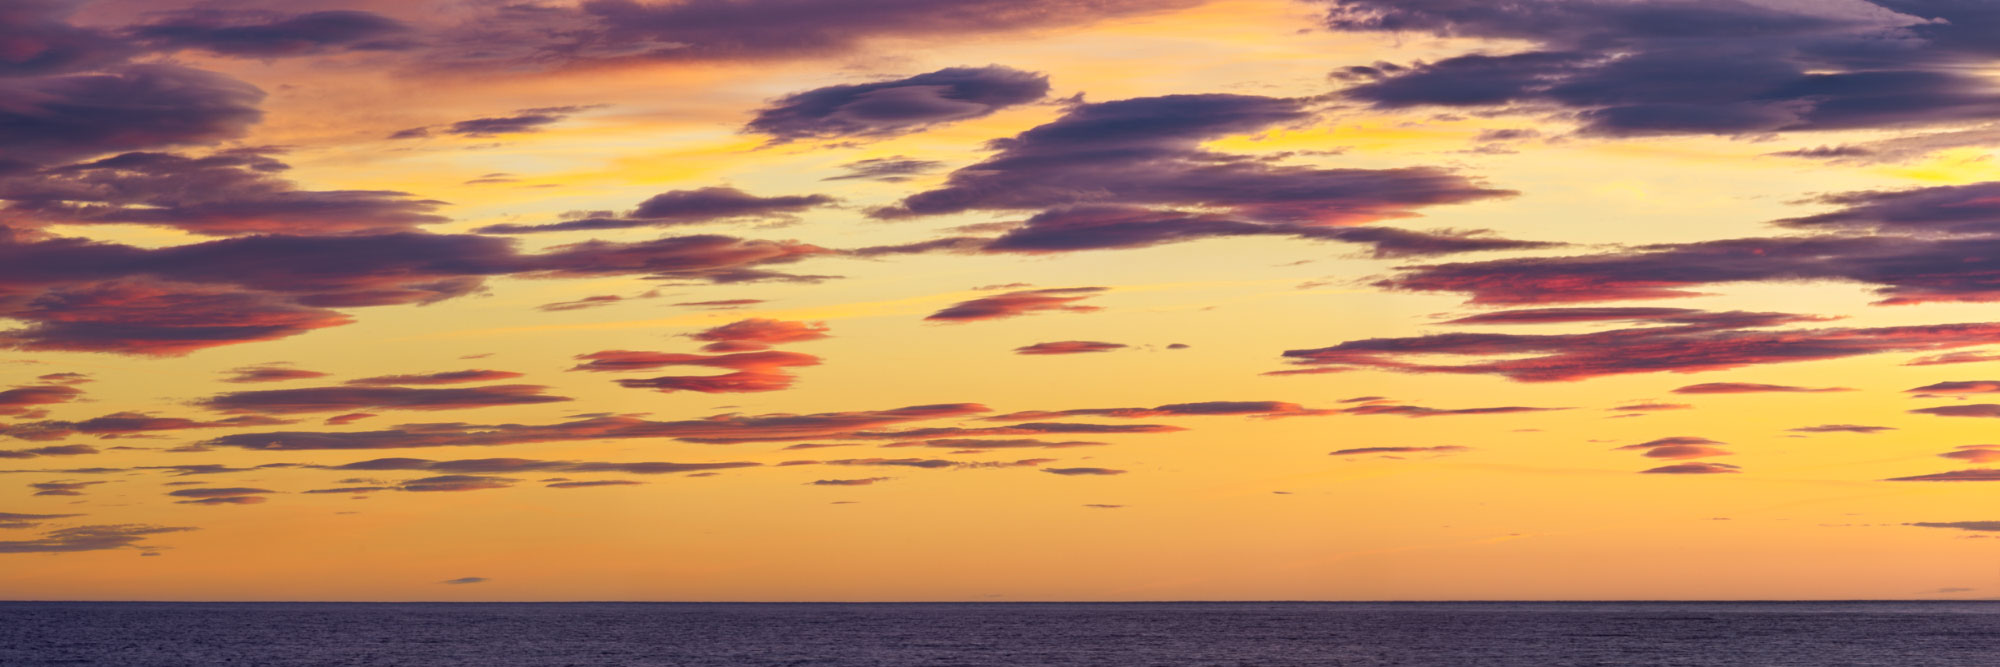 Coucher de soleil sainte marie de la mer bouches du - Office du tourisme sainte marie la mer ...